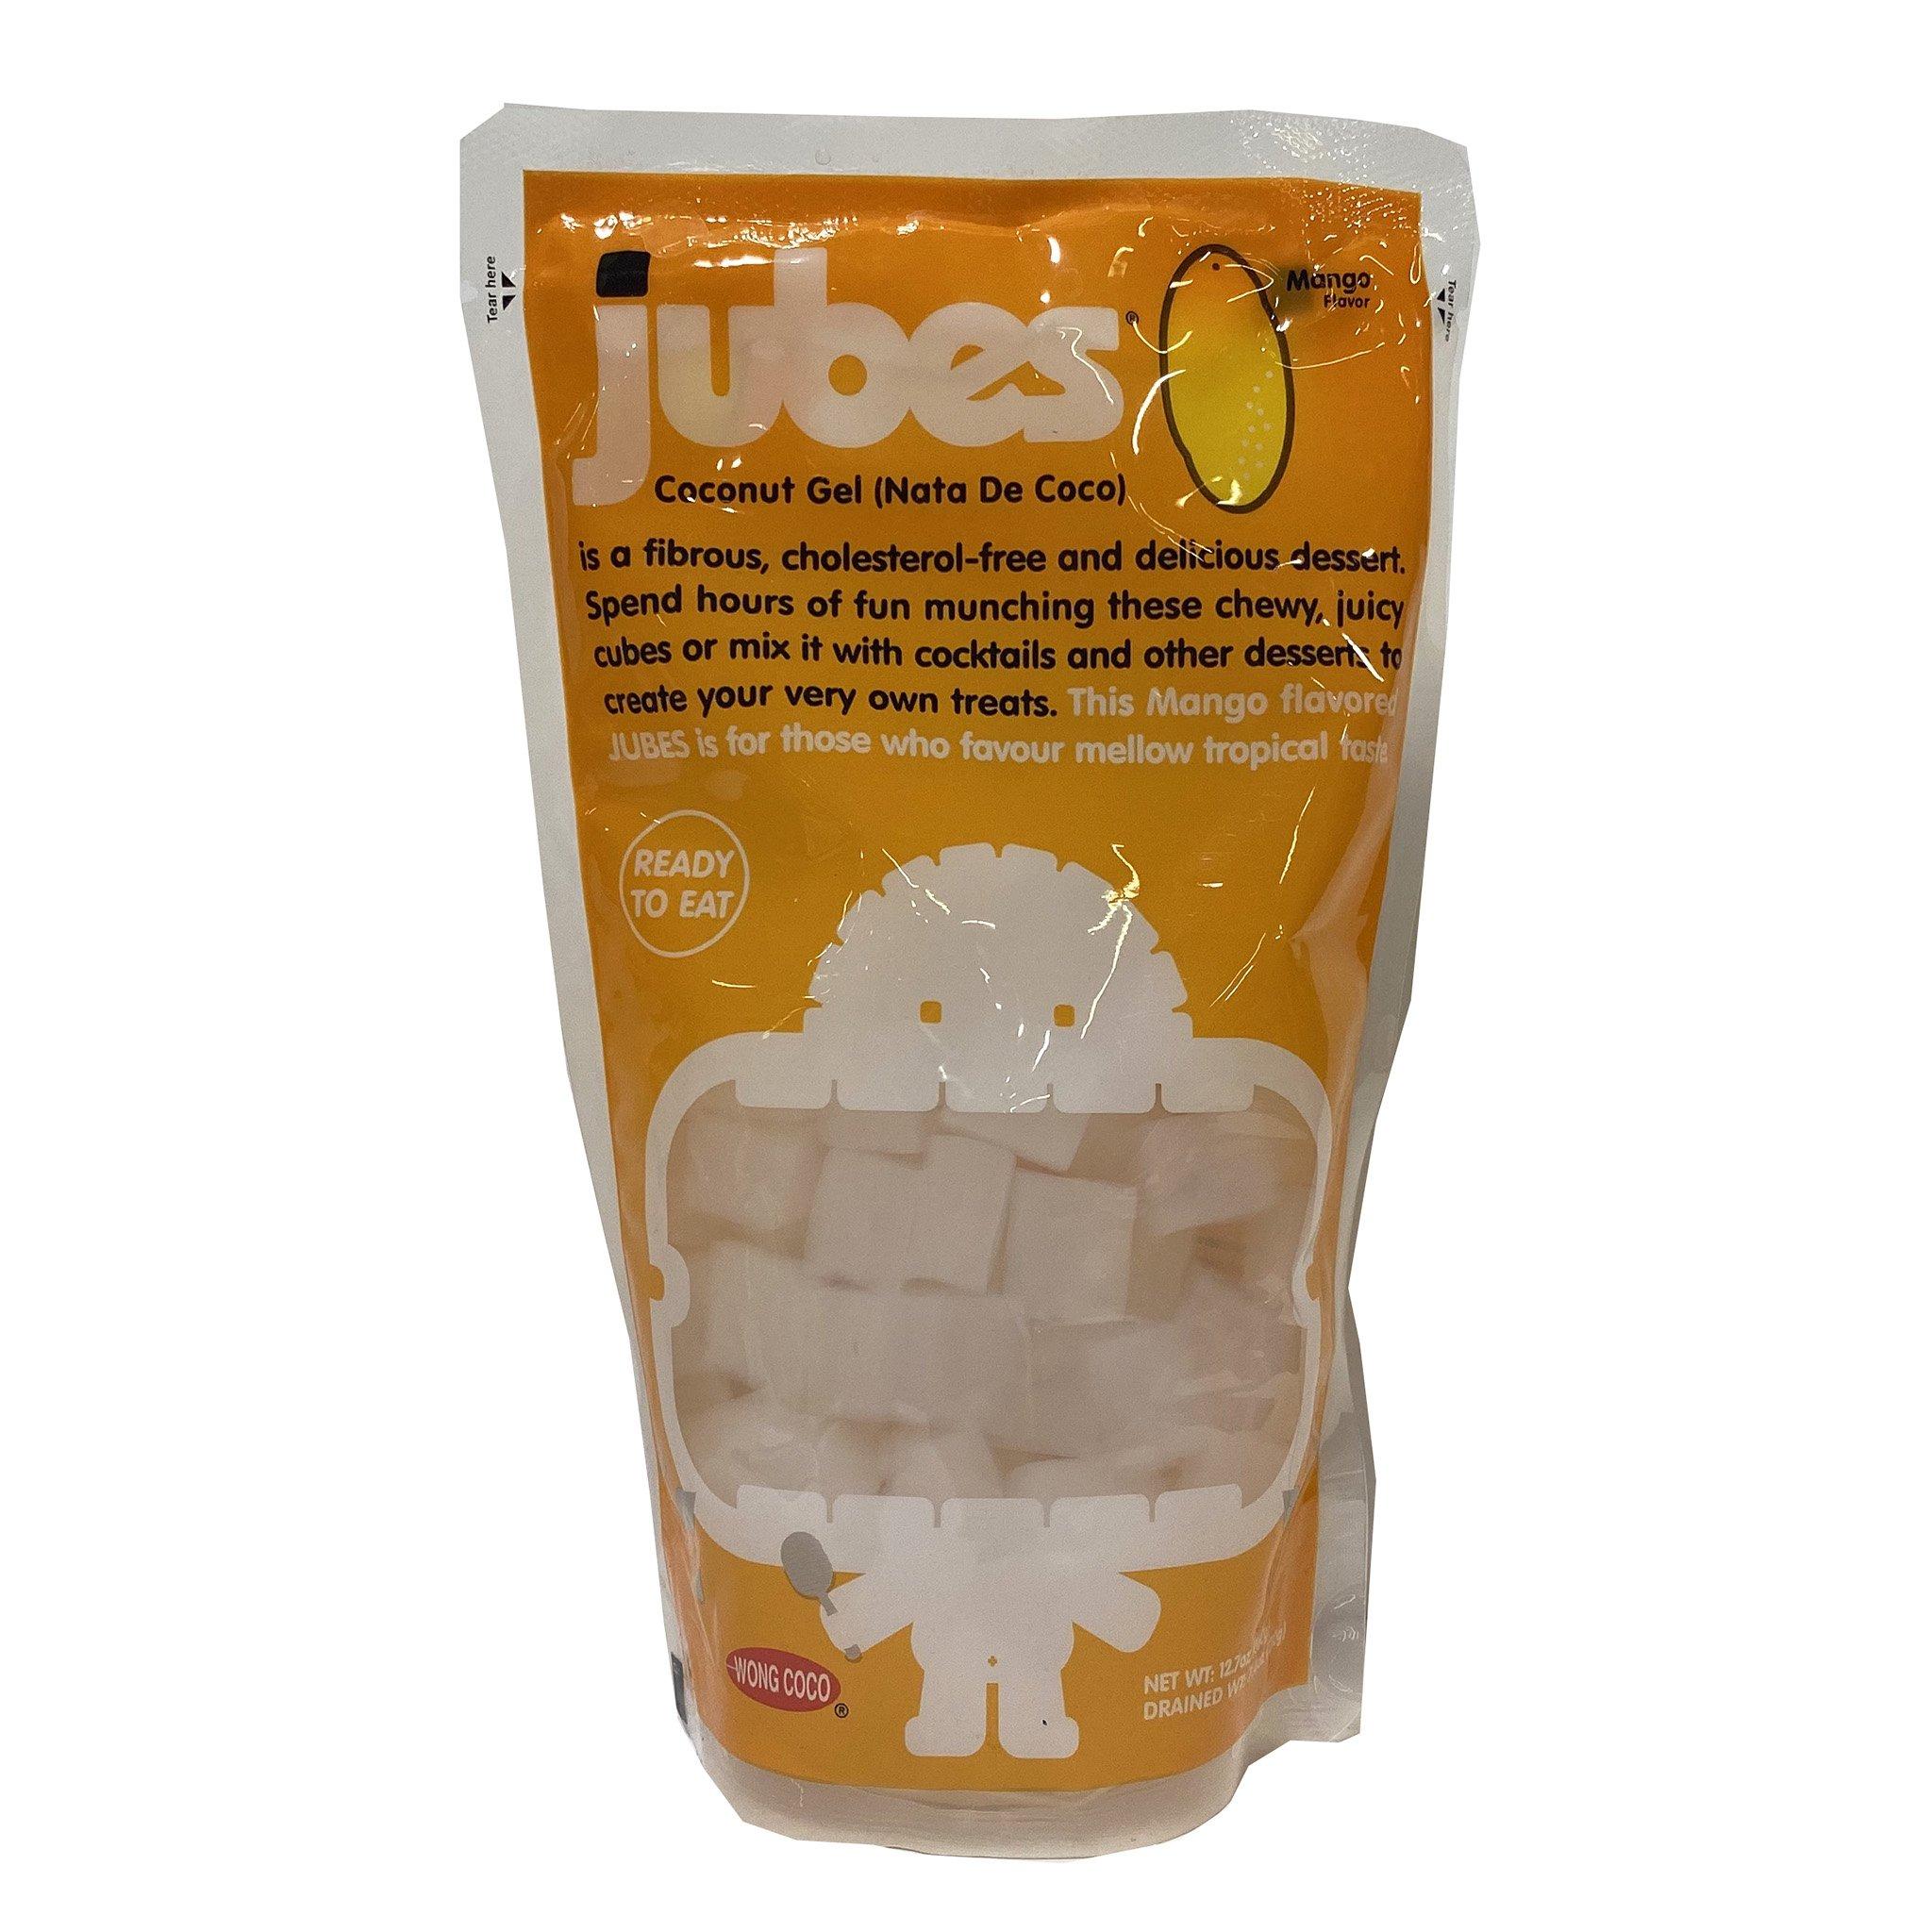 JUBES Coconut Gel Mango Flavor 12.7 OZ